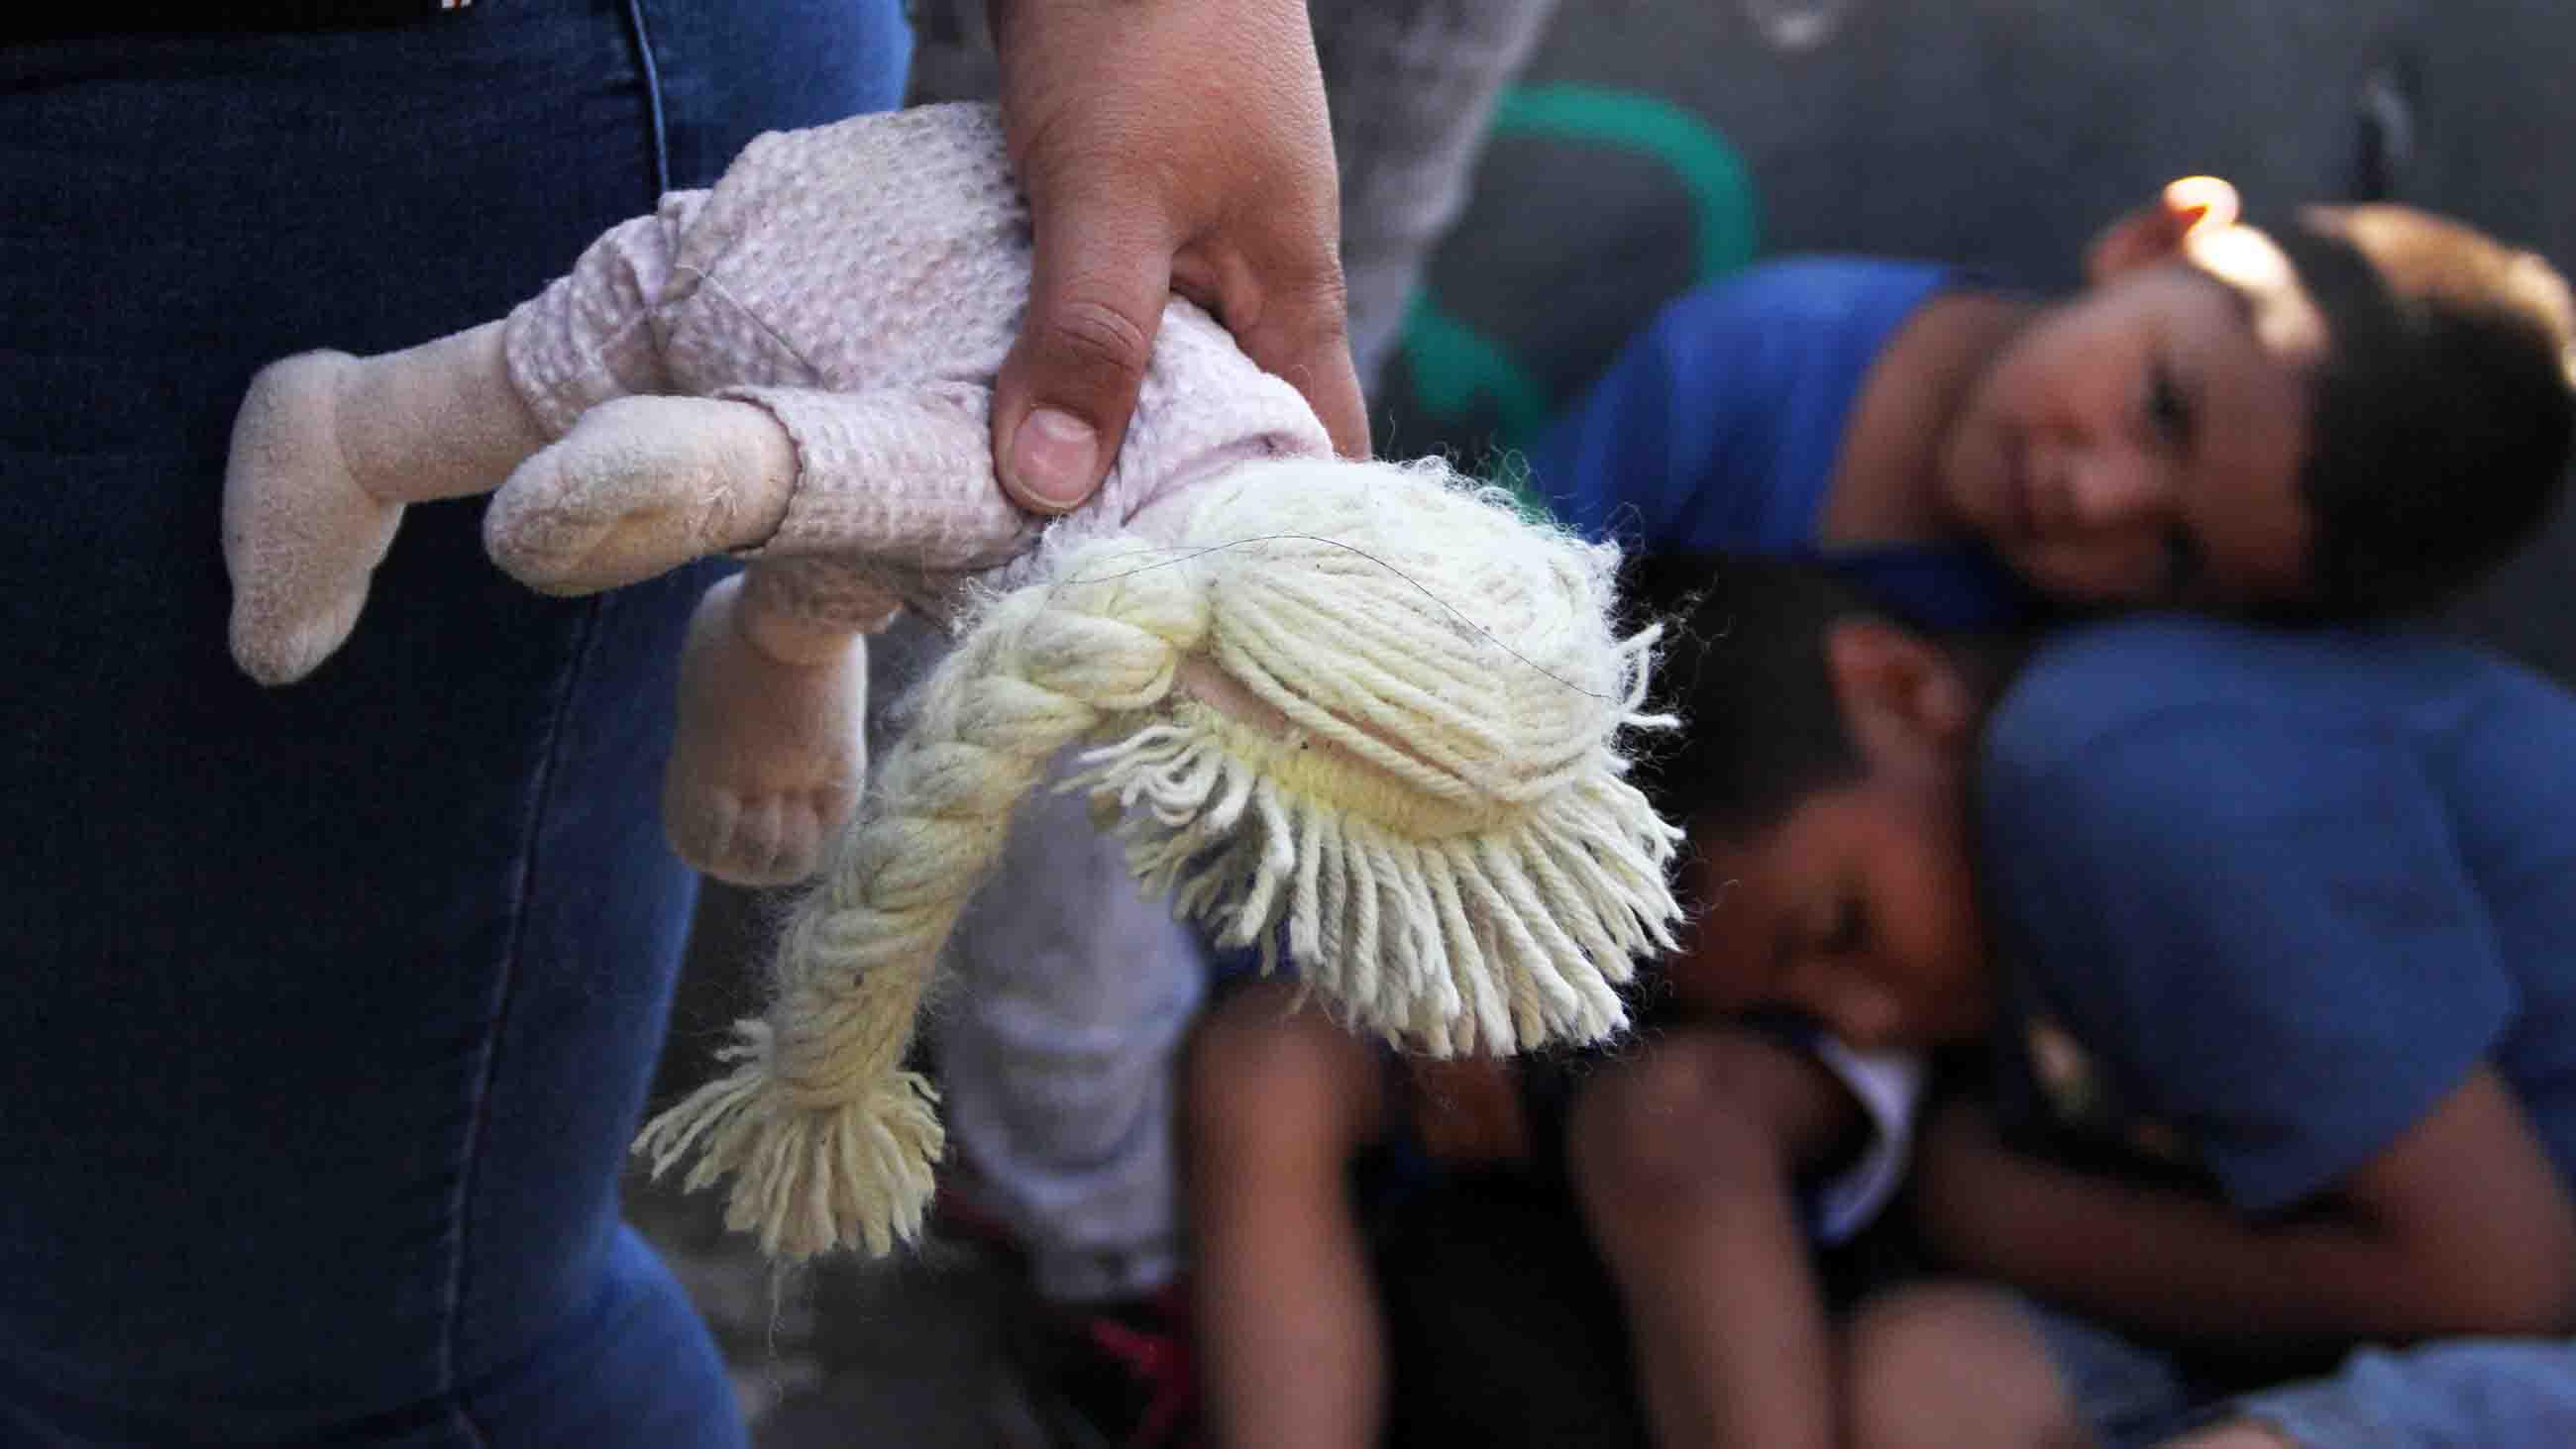 Los médicos y expertos en bienestar dicen que los niños separados de sus familias pueden experimentar un trauma duradero. Foto: www. undark.org.